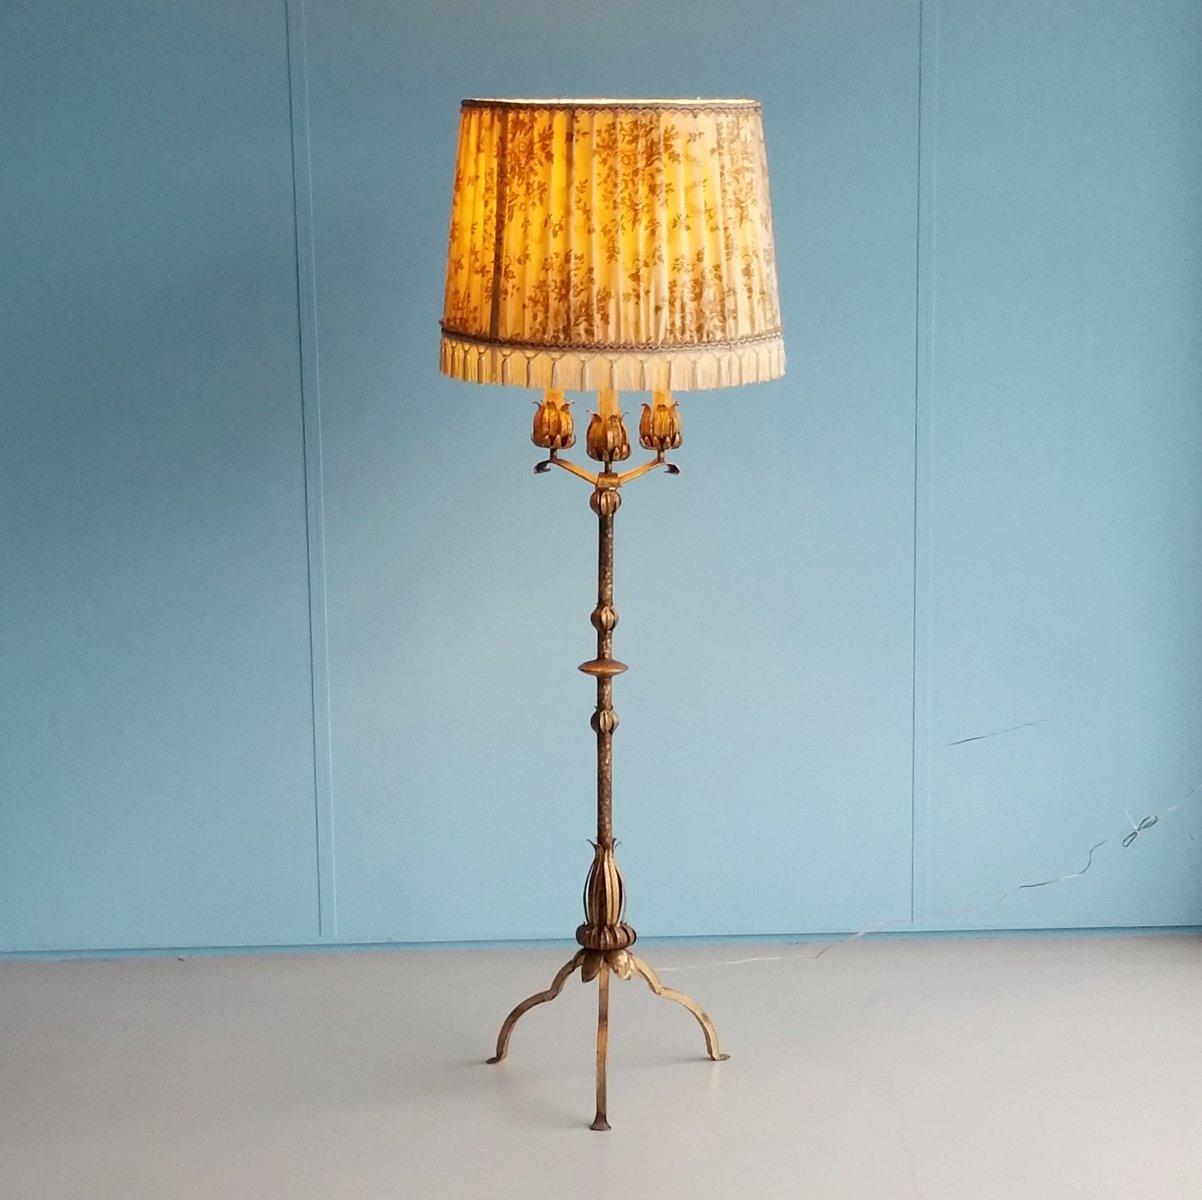 vergoldete metall stehlampe mit k nstlichen kerzen 1960er bei pamono kaufen. Black Bedroom Furniture Sets. Home Design Ideas